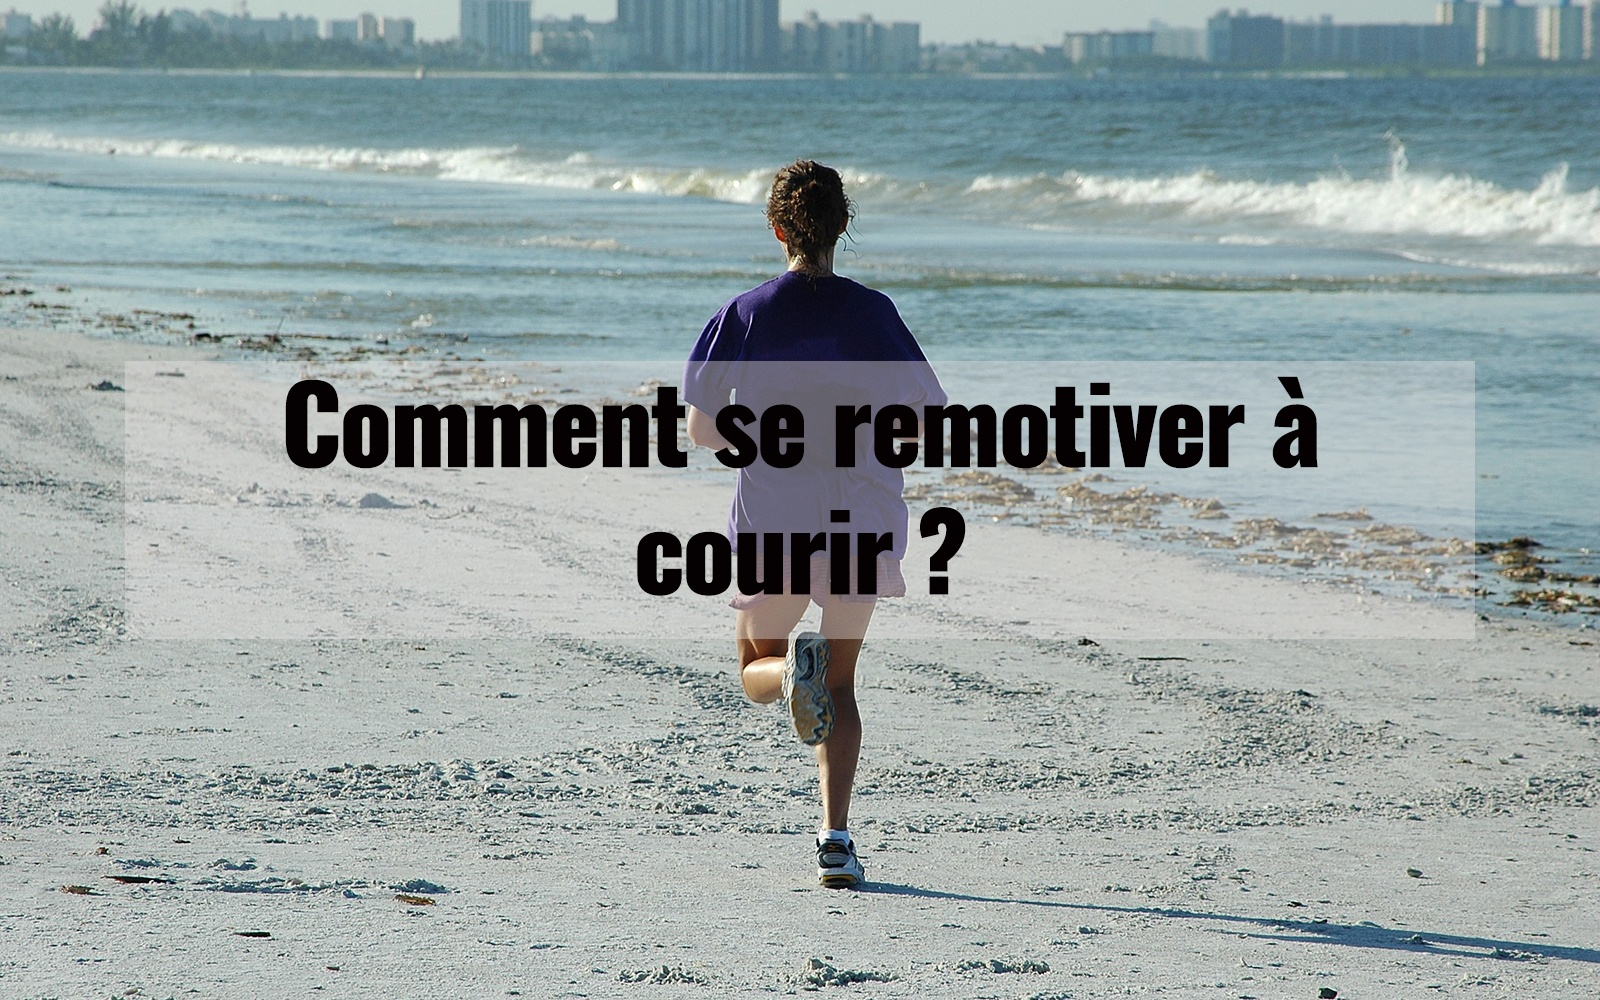 Comment se remotiver à courir ?